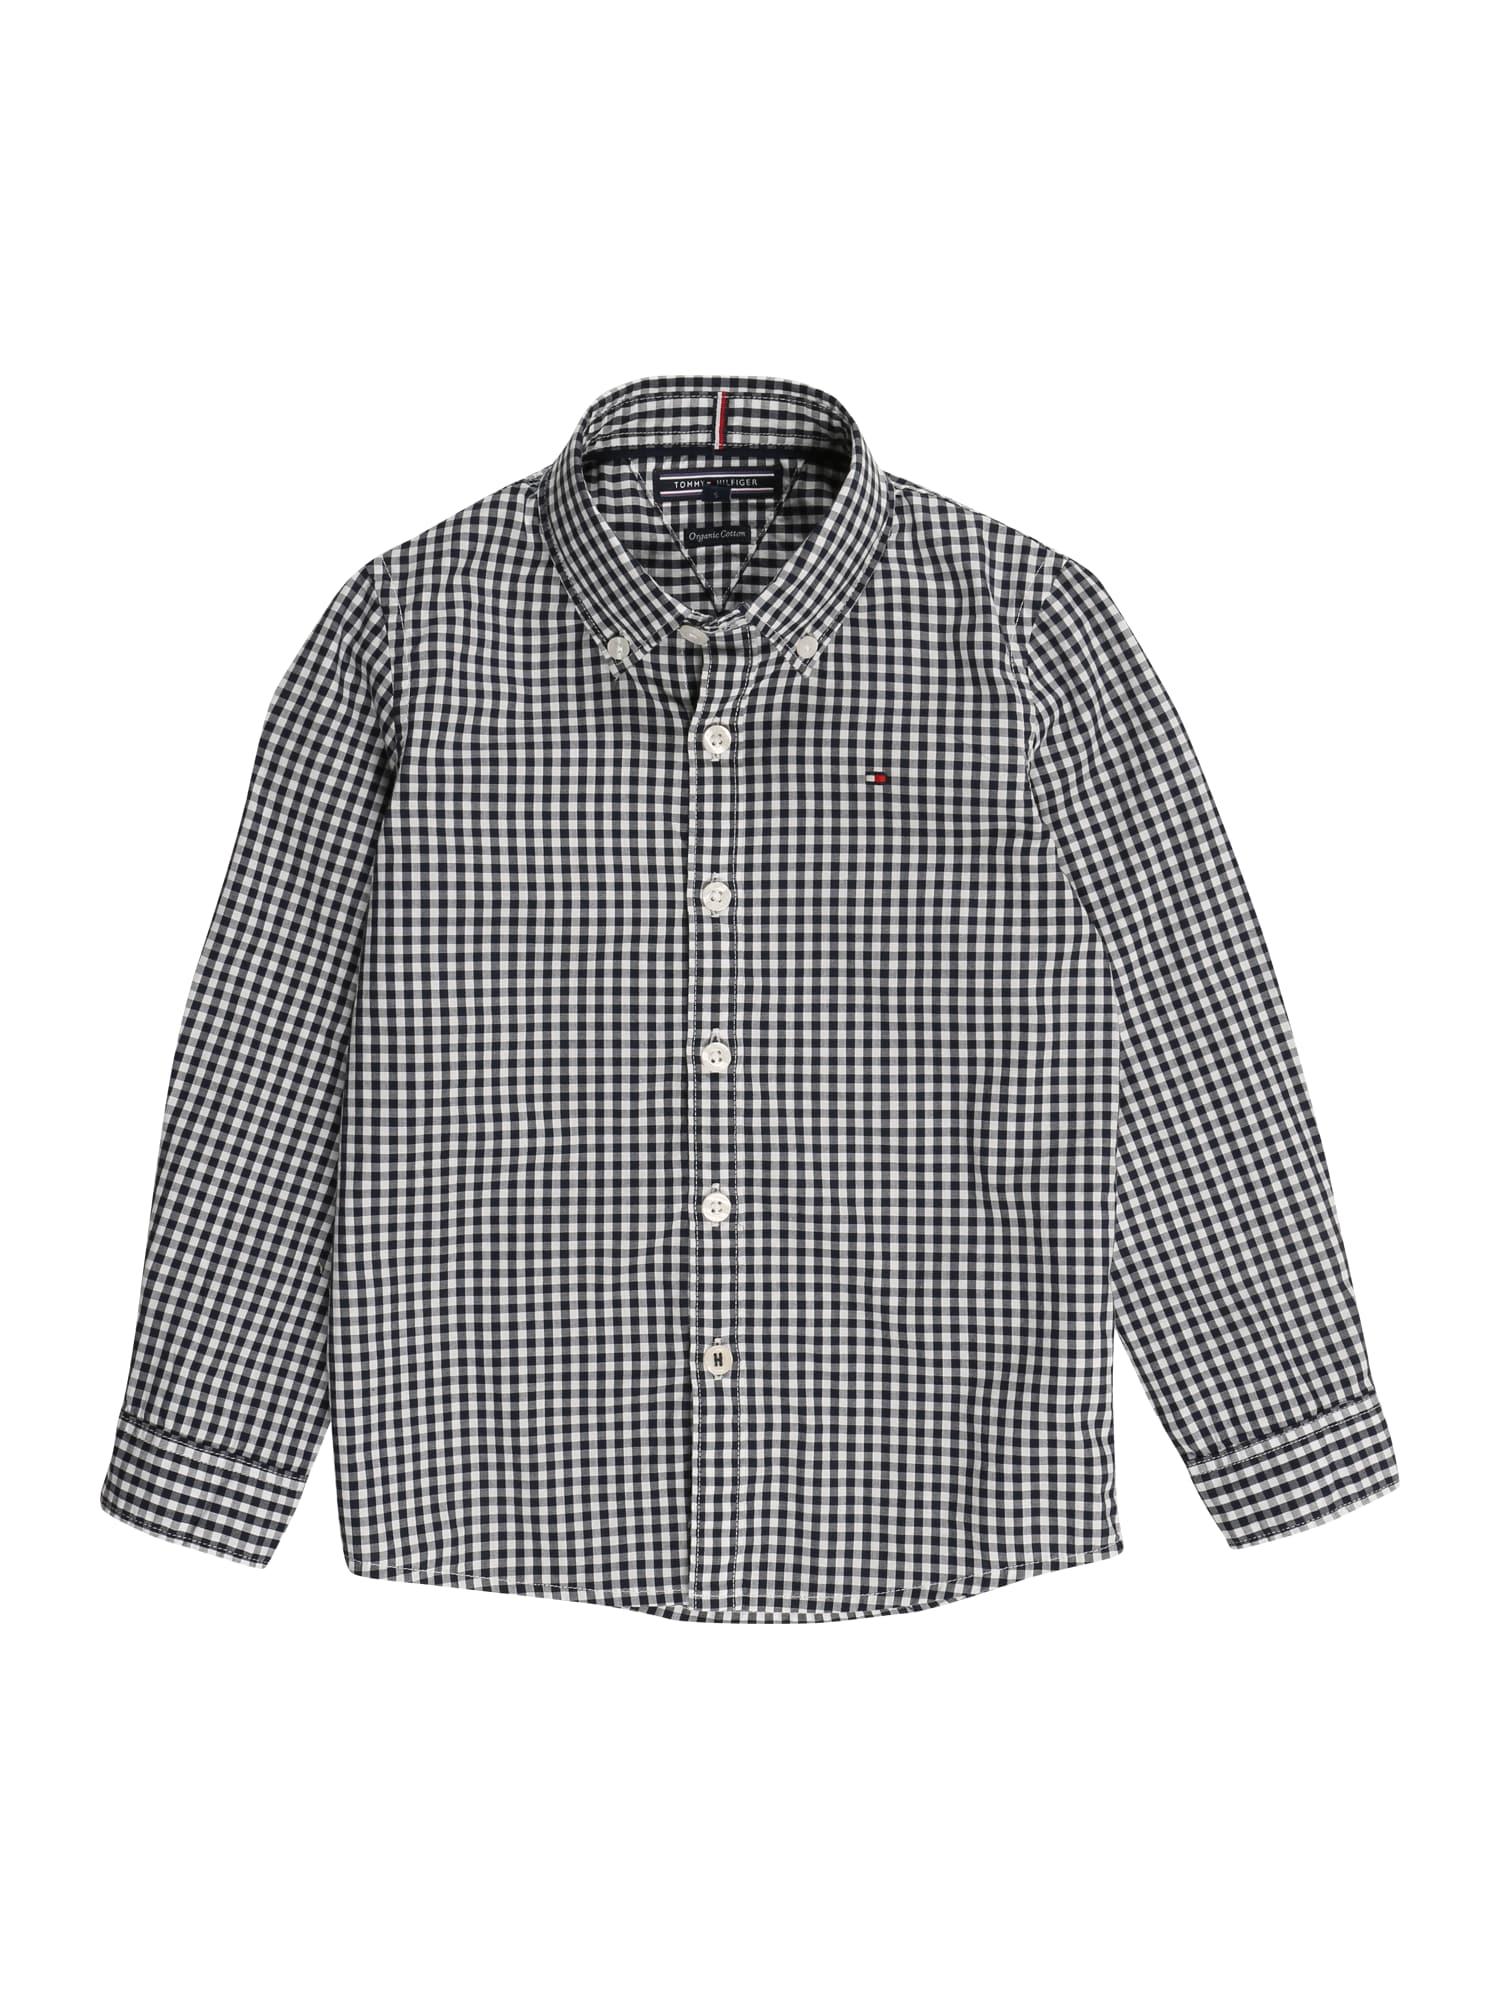 TOMMY HILFIGER Dalykiniai marškiniai 'GINGHAM' balta